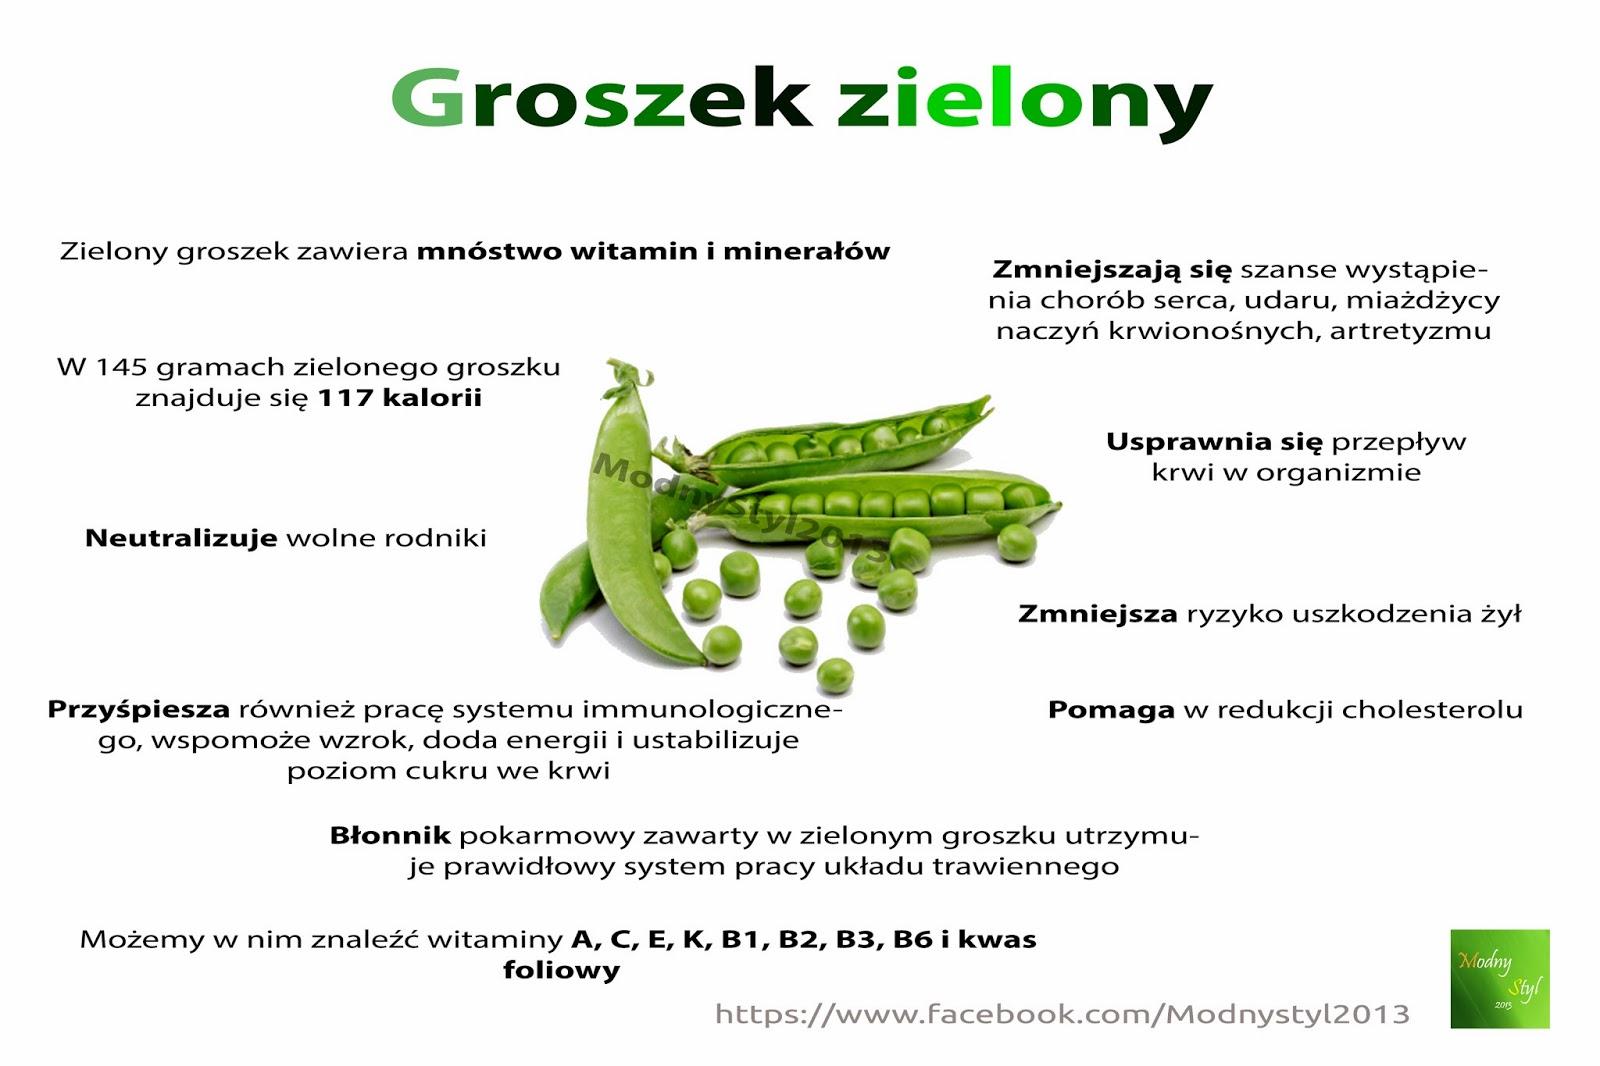 Zielono mi, czyli o dobroczynnym zielonym groszku